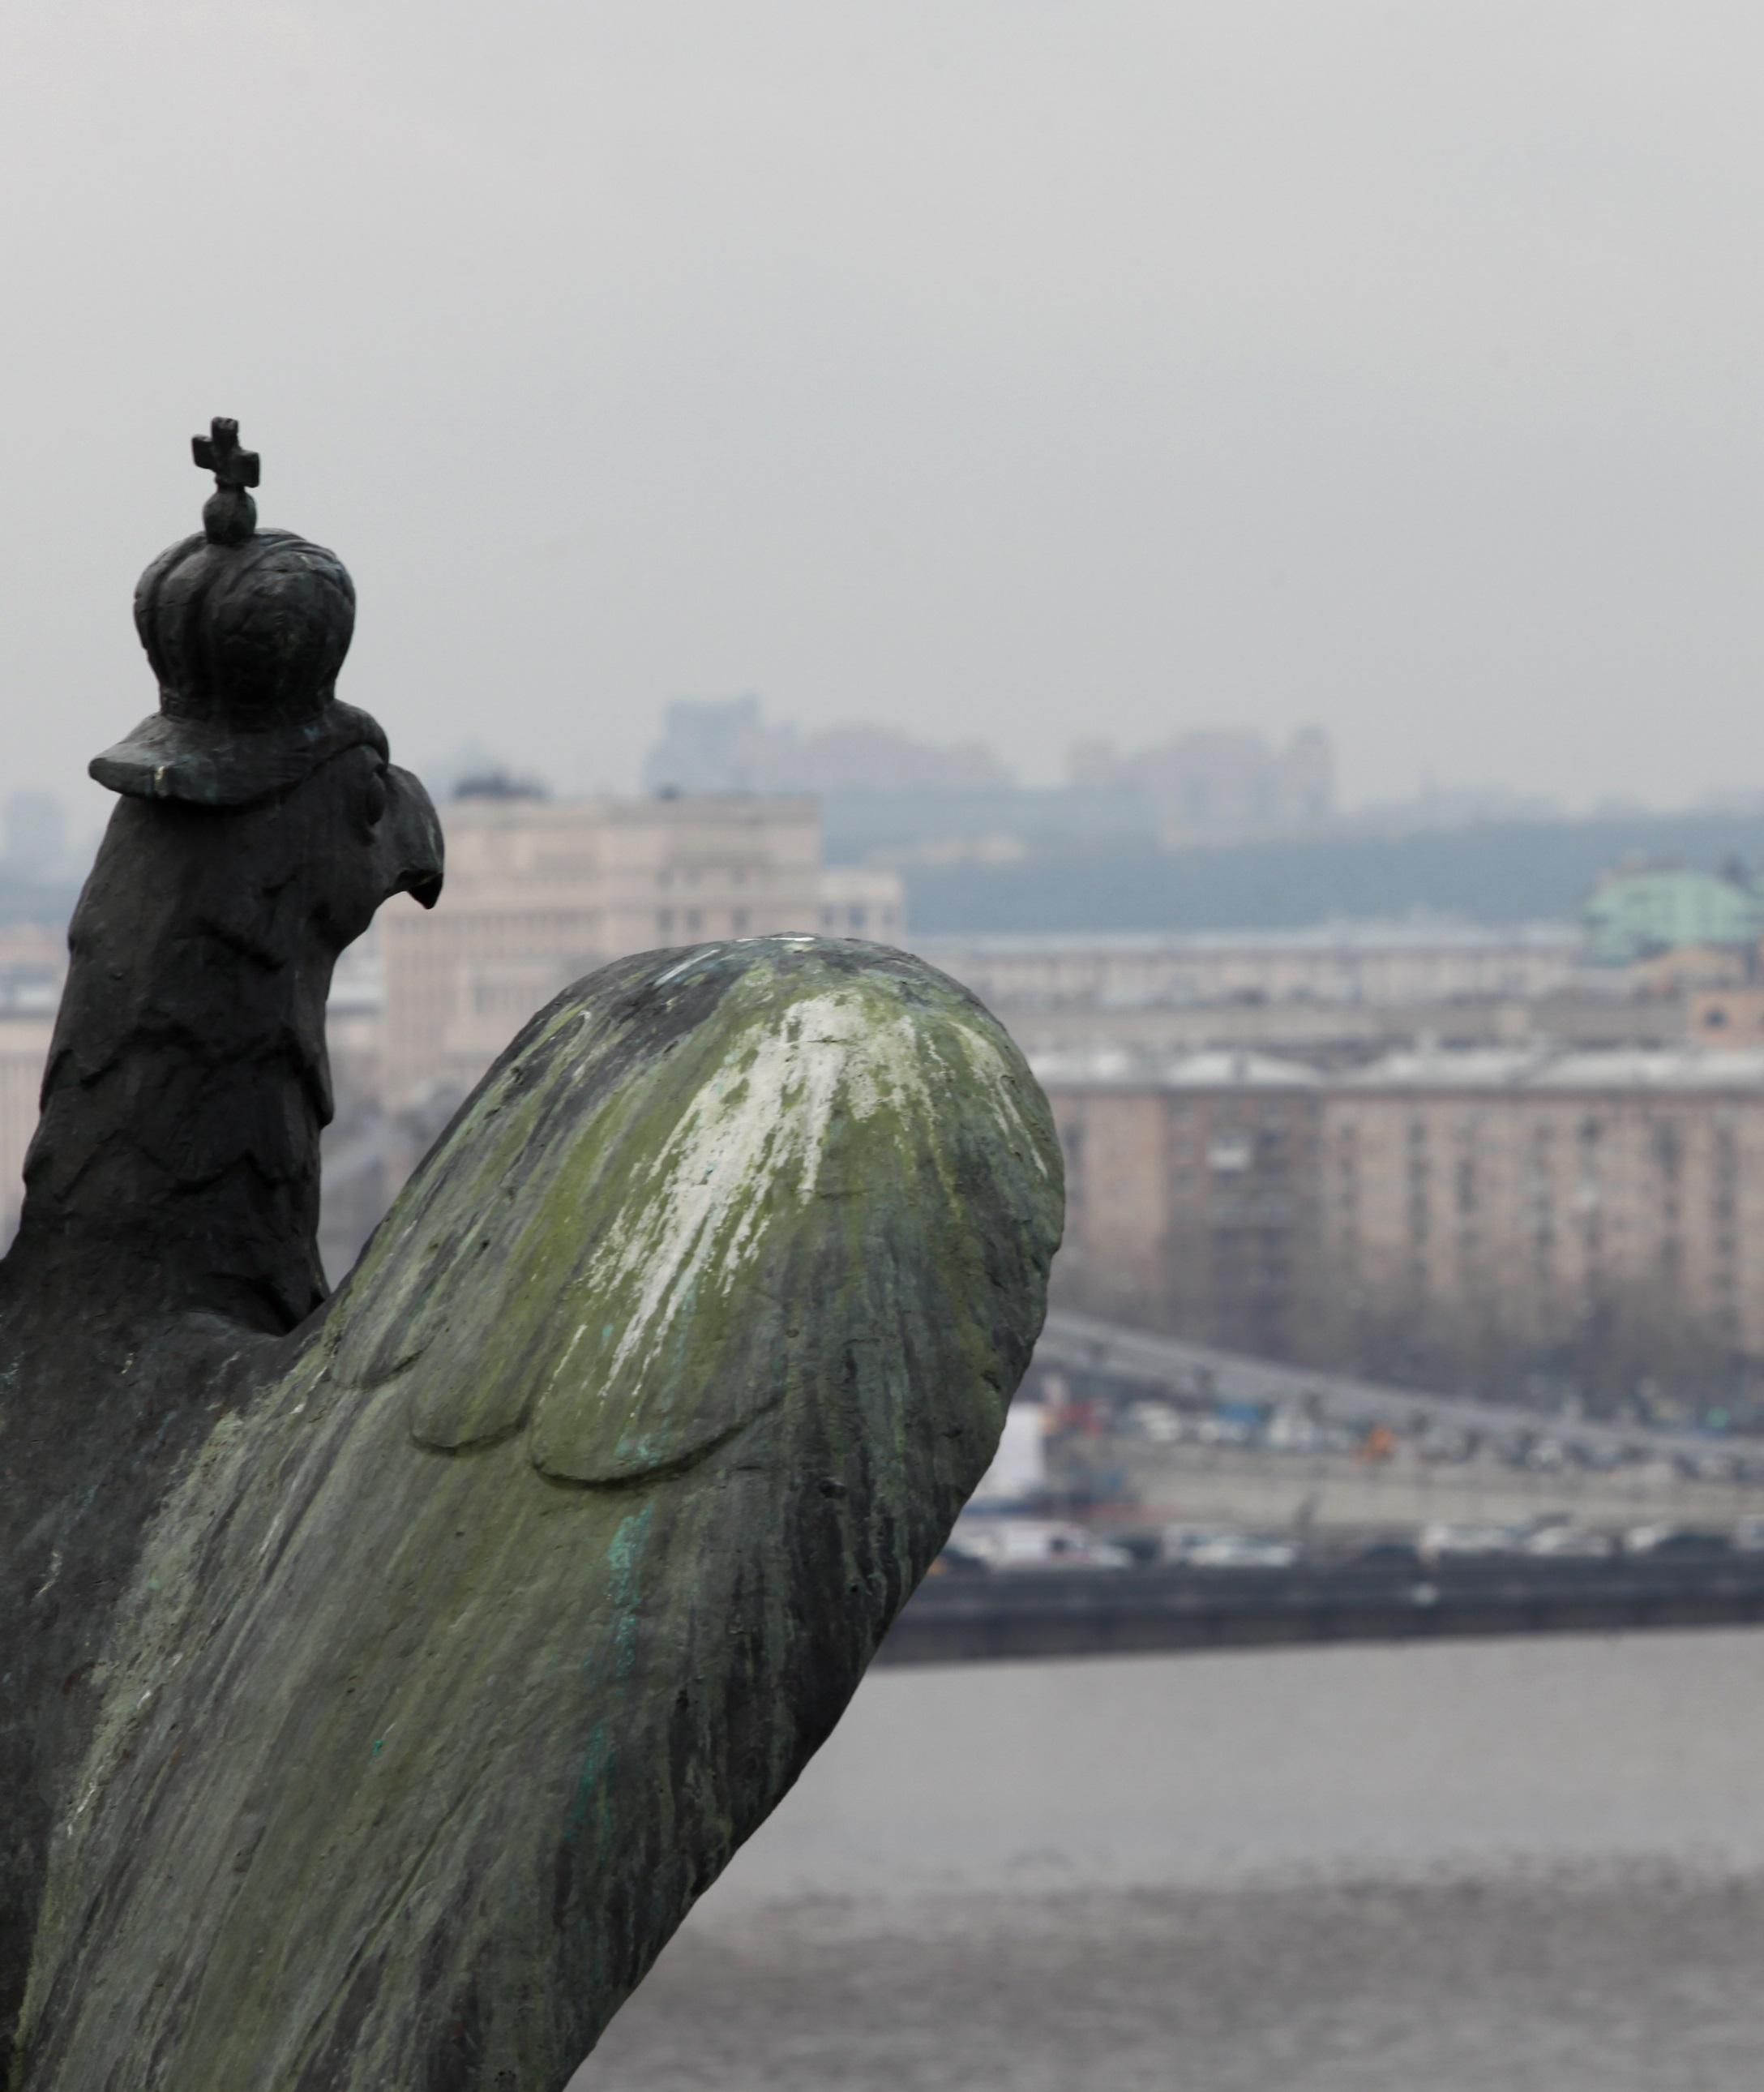 Виновнику аварии на Крымском мосту грозит международный розыск